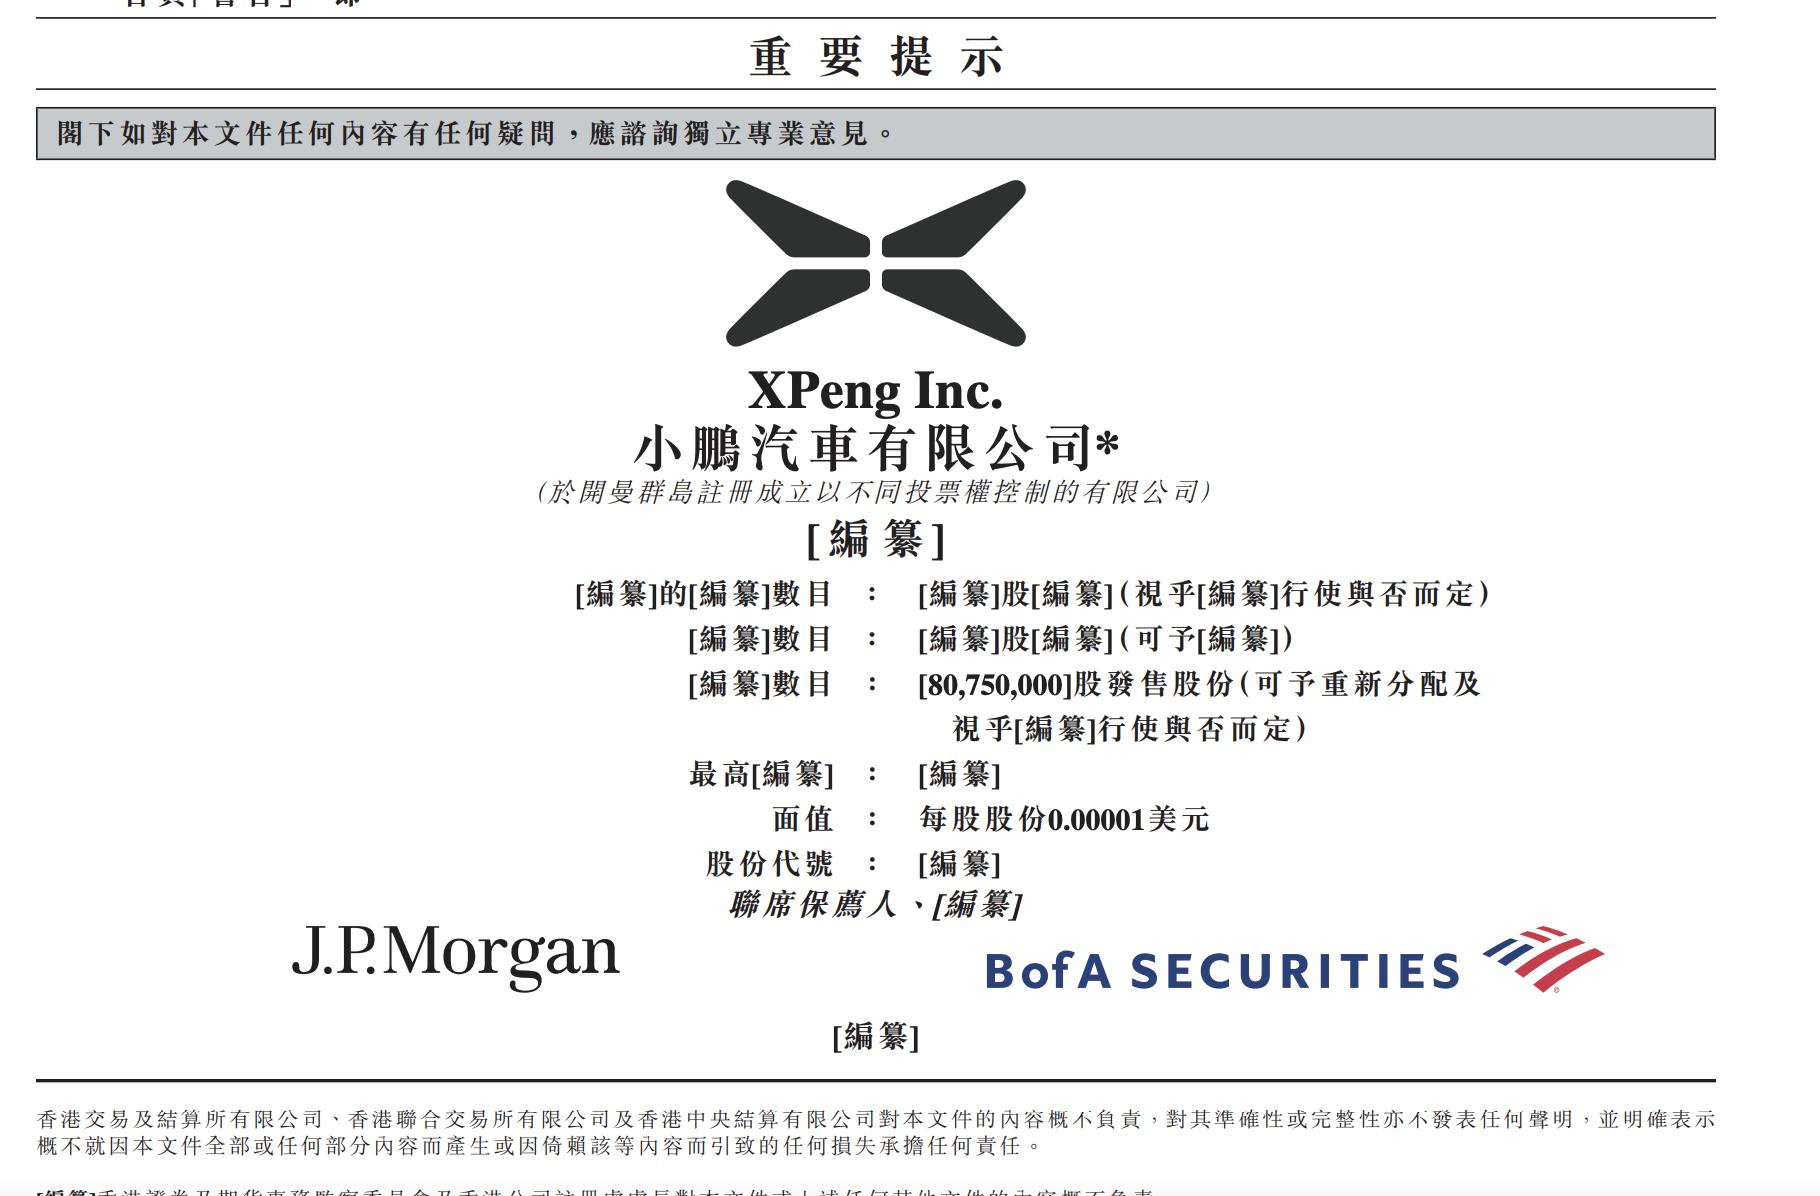 小鹏汽车通过港交所上市聆讯,第二大股东淘宝持股11.9%-第2张图片-汽车笔记网